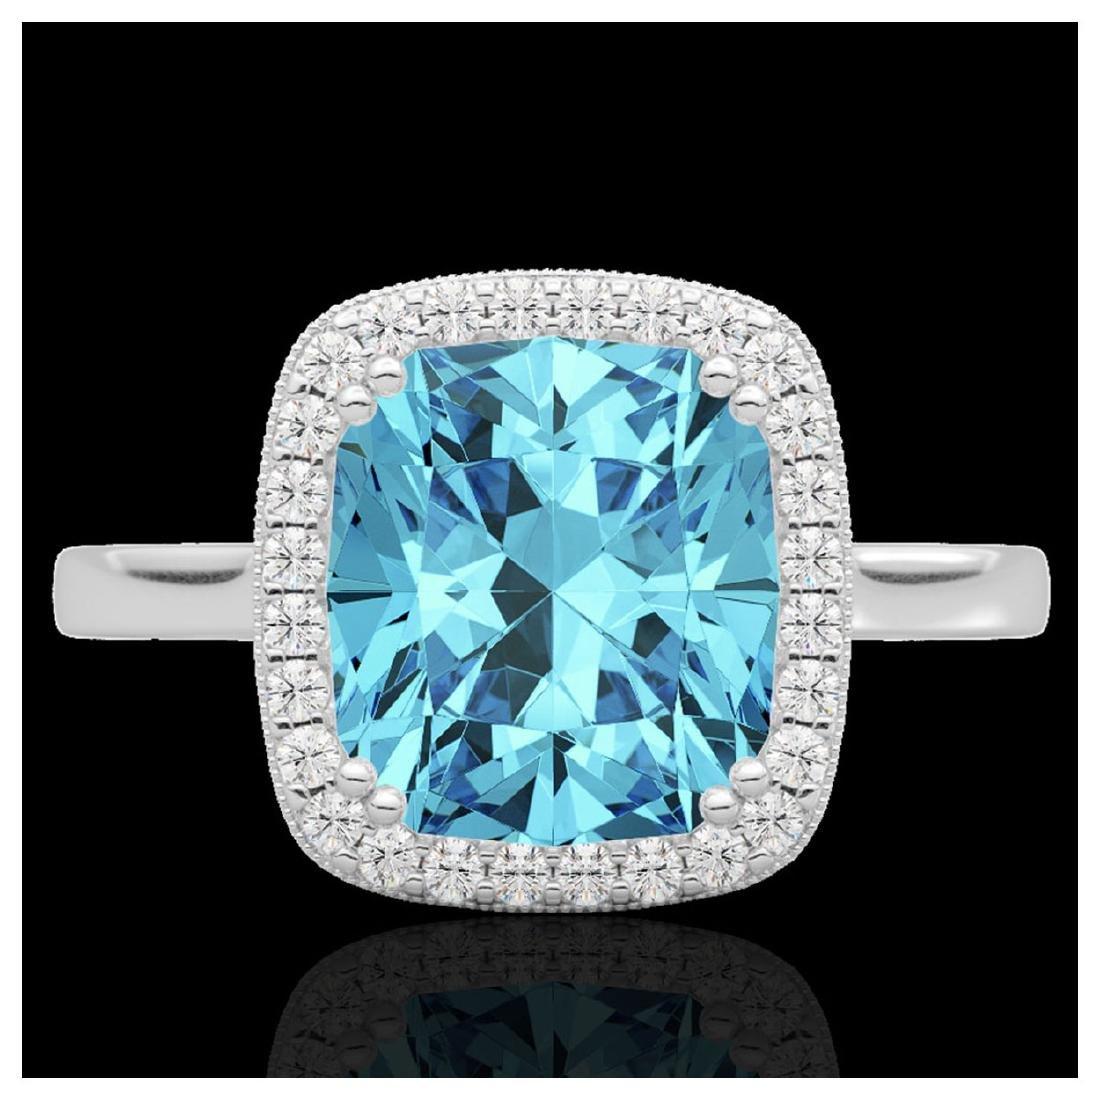 3.50 CTW Sky Blue Topaz & VS/SI Diamond Halo Ring 18K